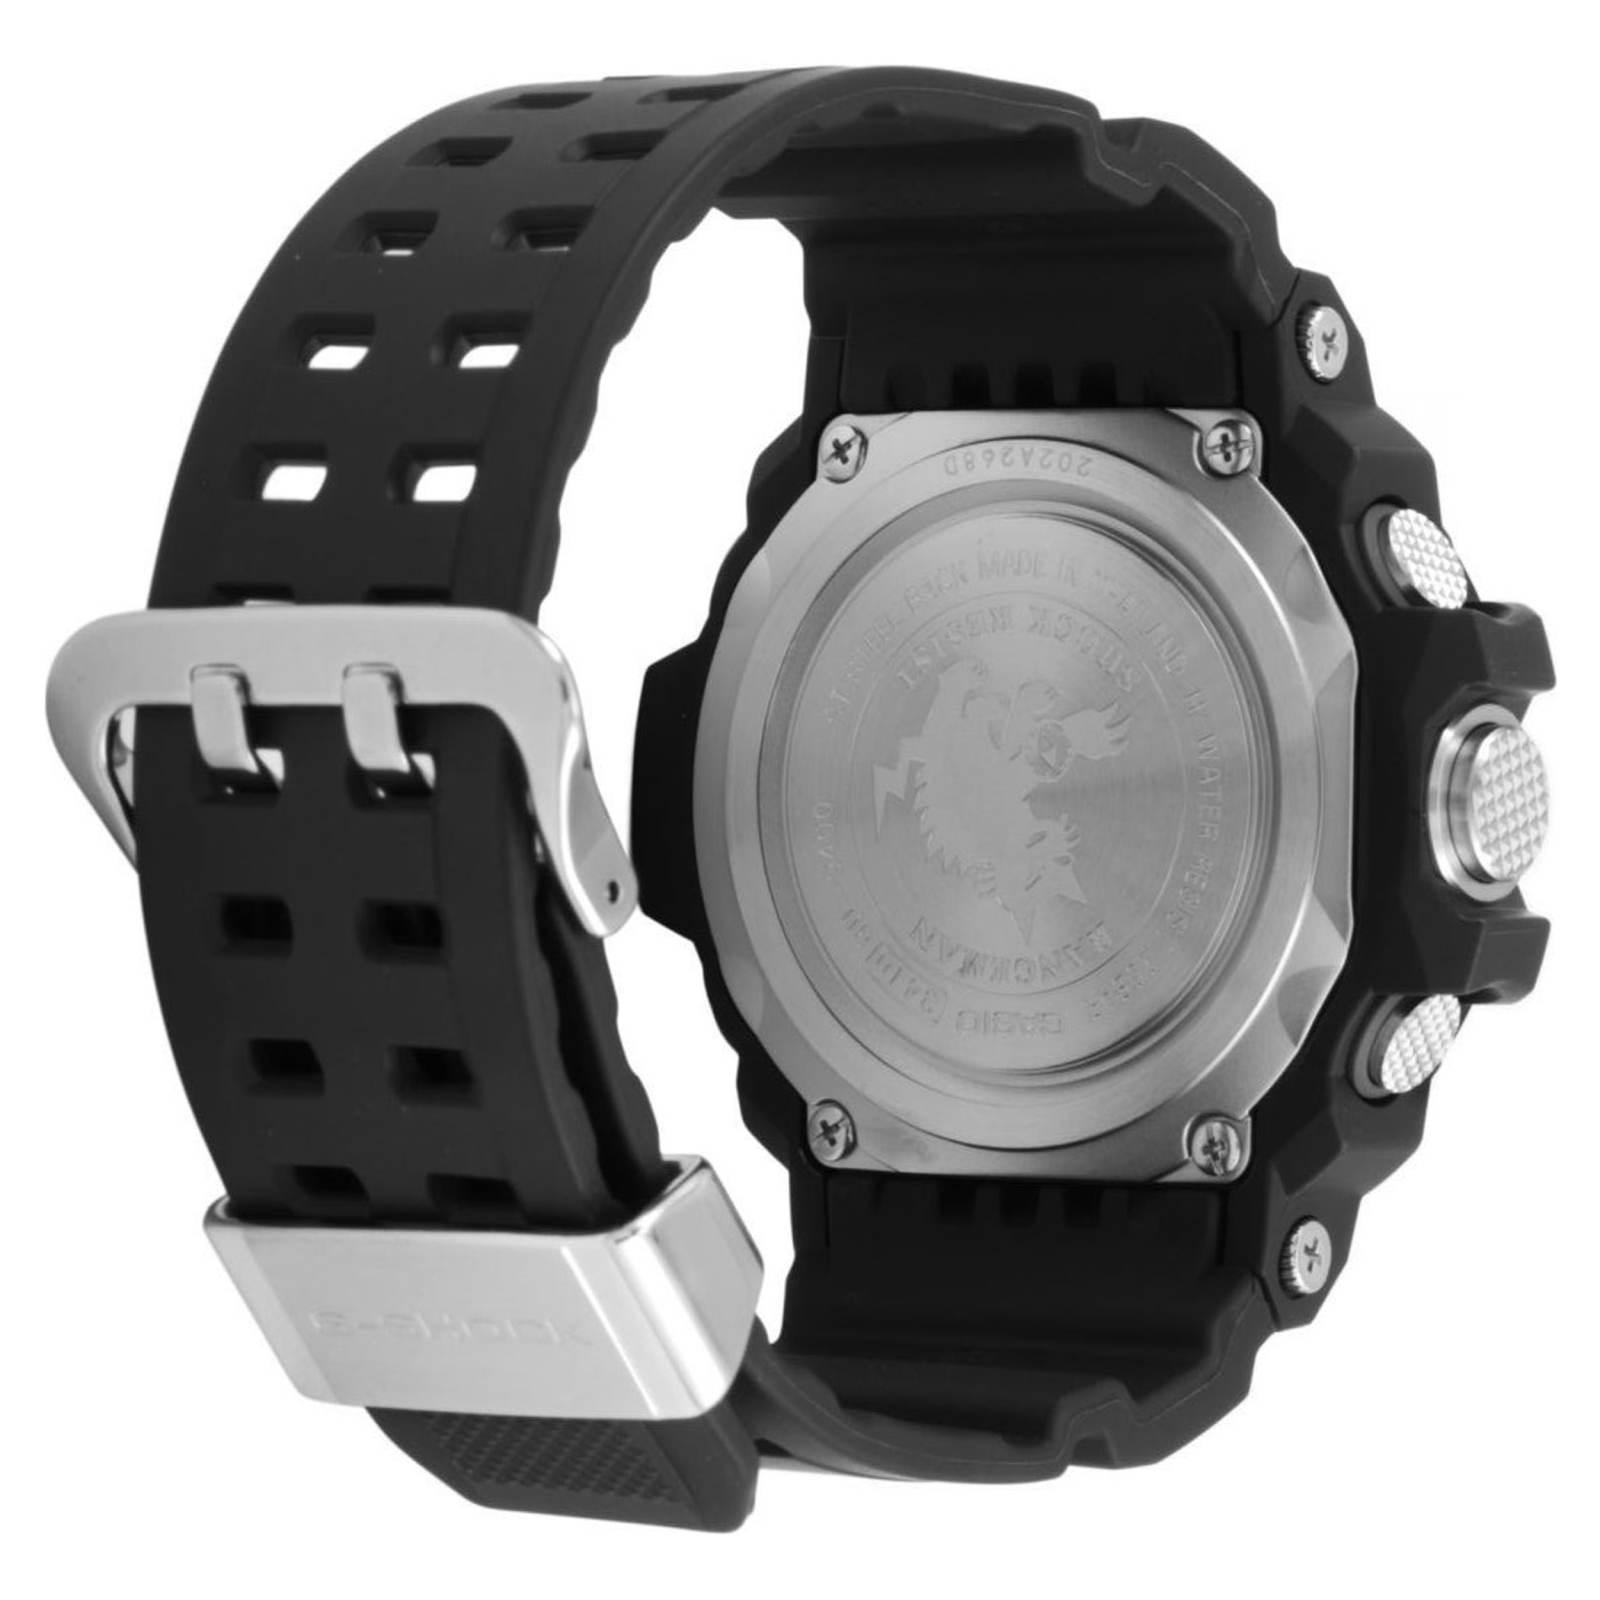 ساعت مچی دیجیتال مردانه کاسیو مدل جی شاک کد GW-9400-1DR             قیمت